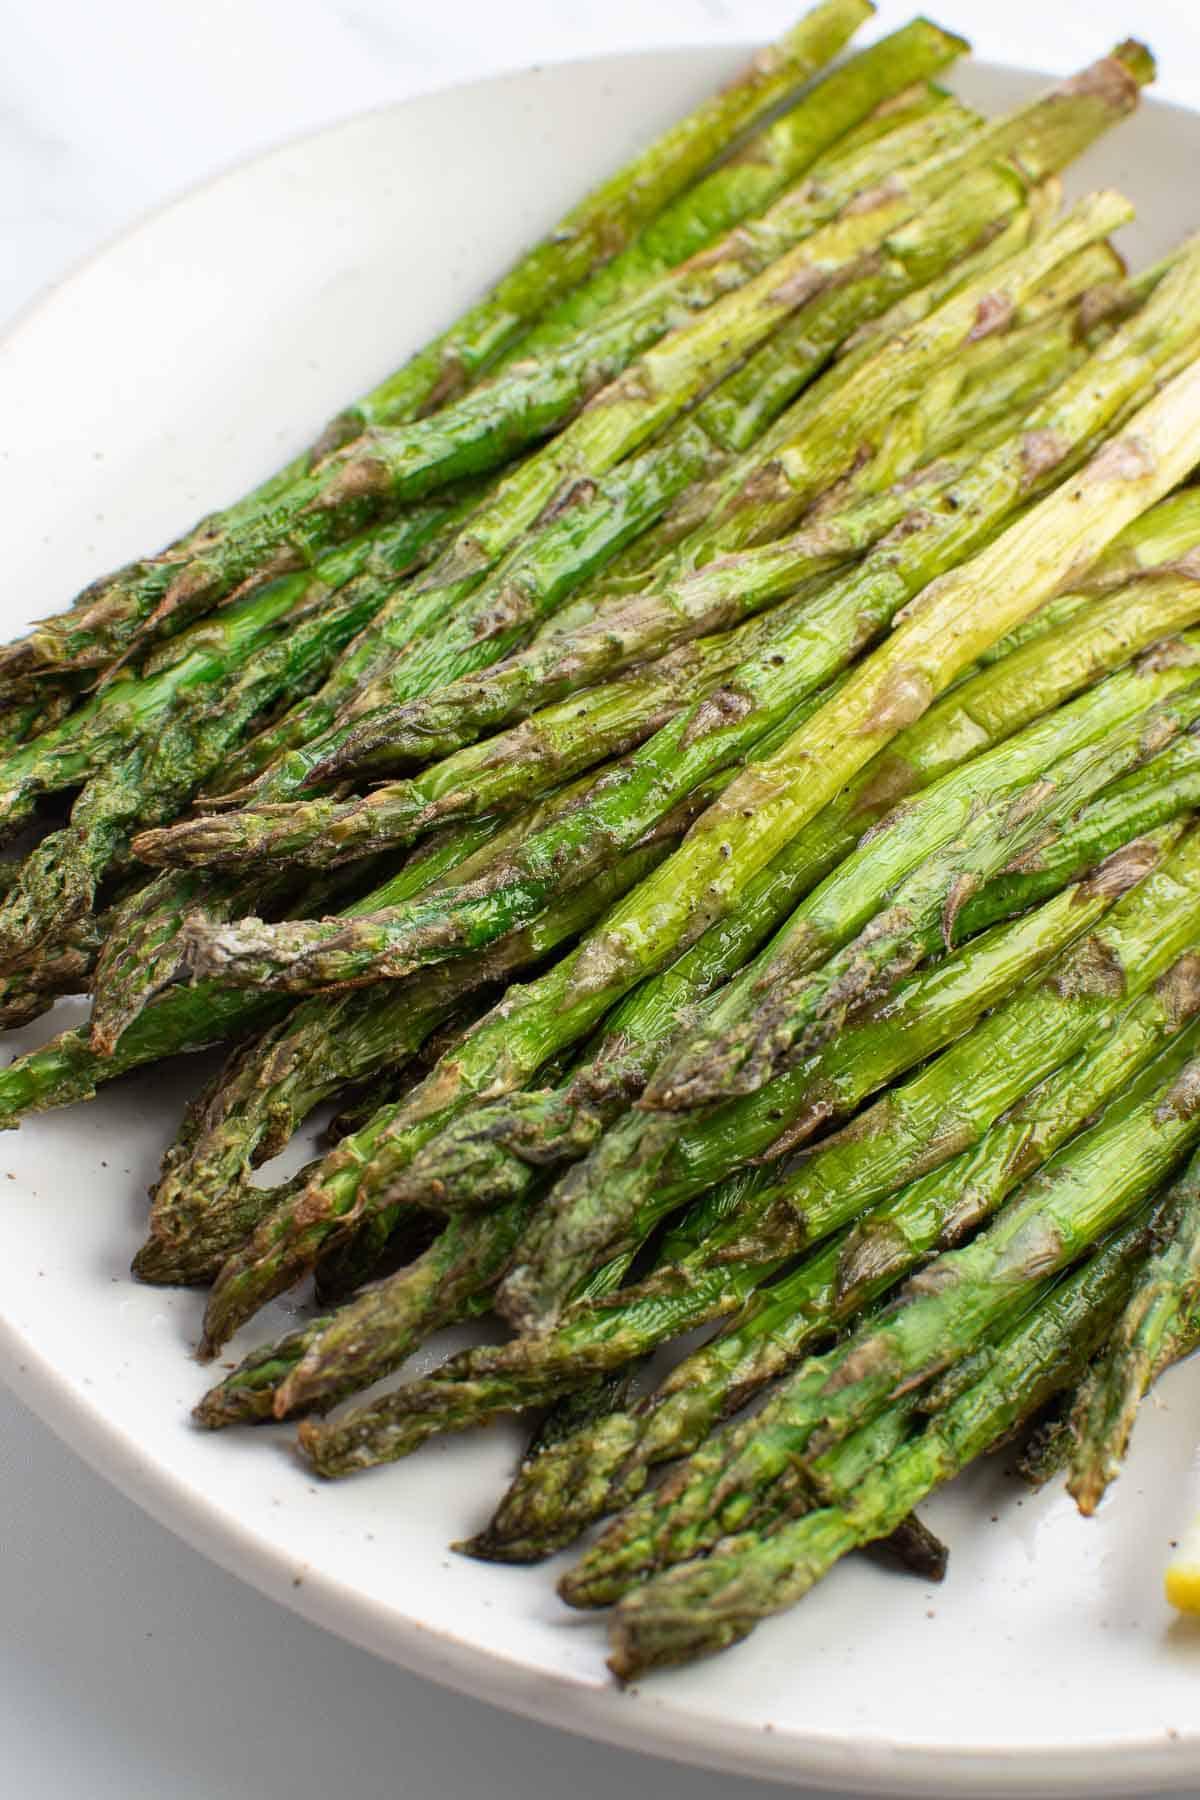 Roasted asparagus on a plate.